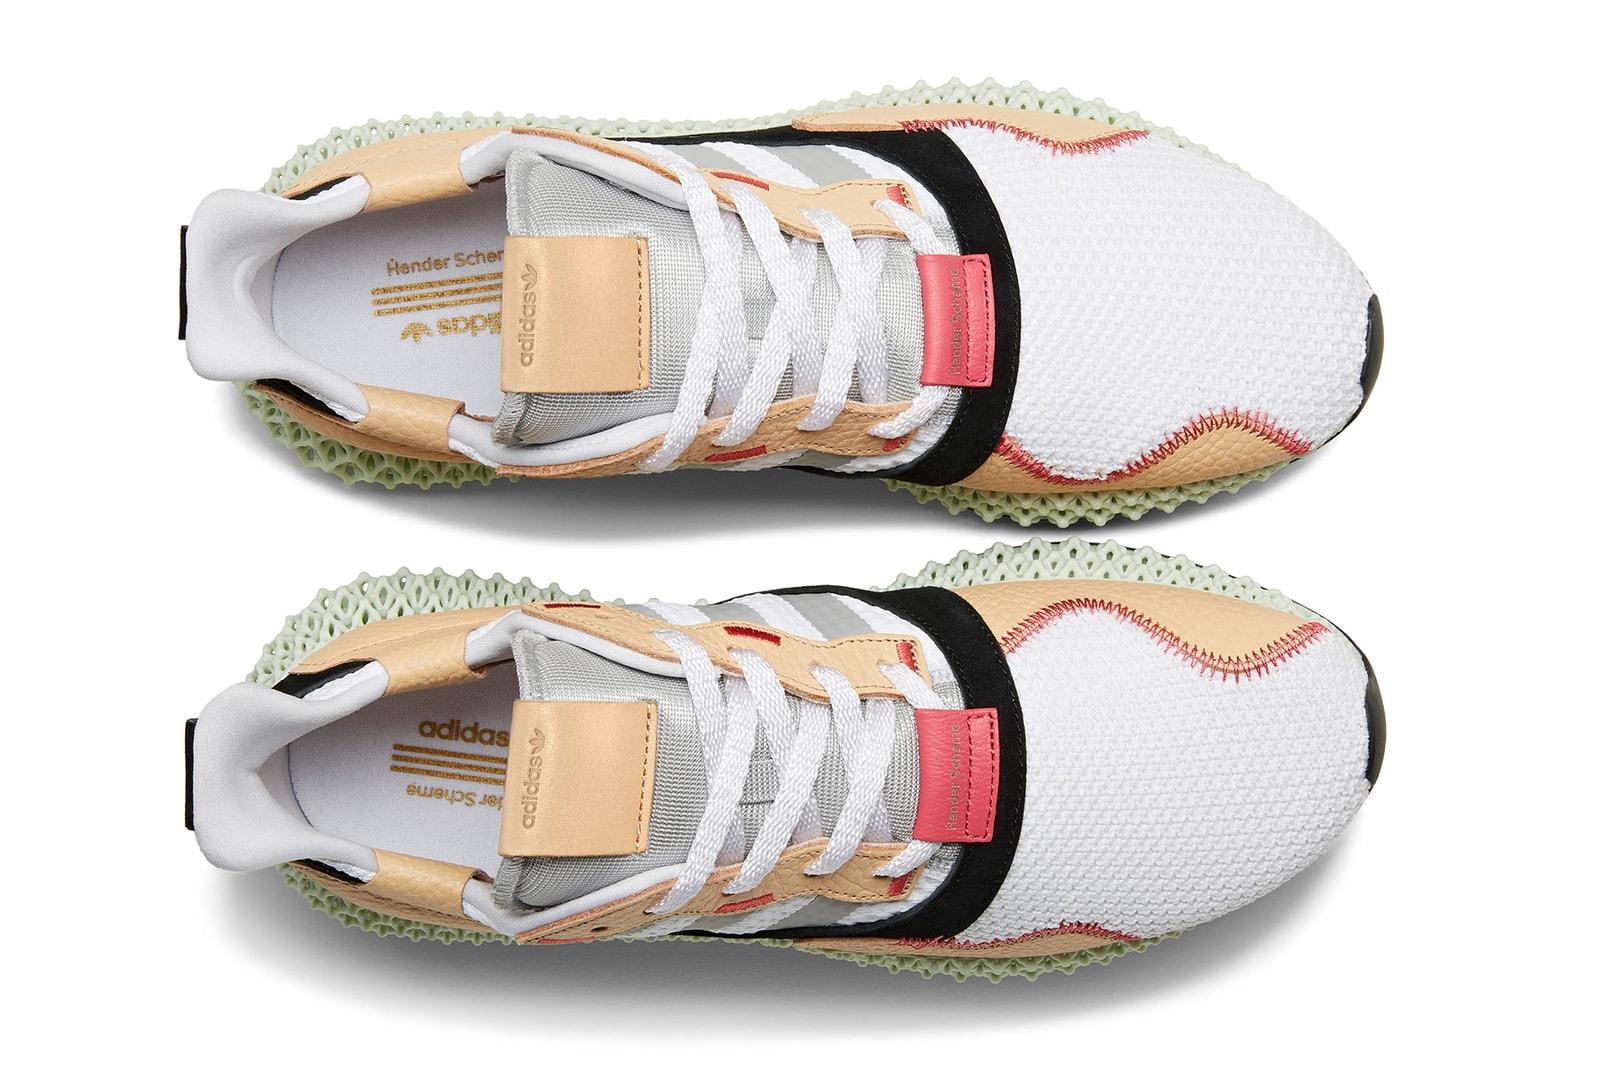 エンダースキーマ hender scheme adidas originals アディダス オリジナルス 最後 コラボ フットウェア 発売 決定 4D zx